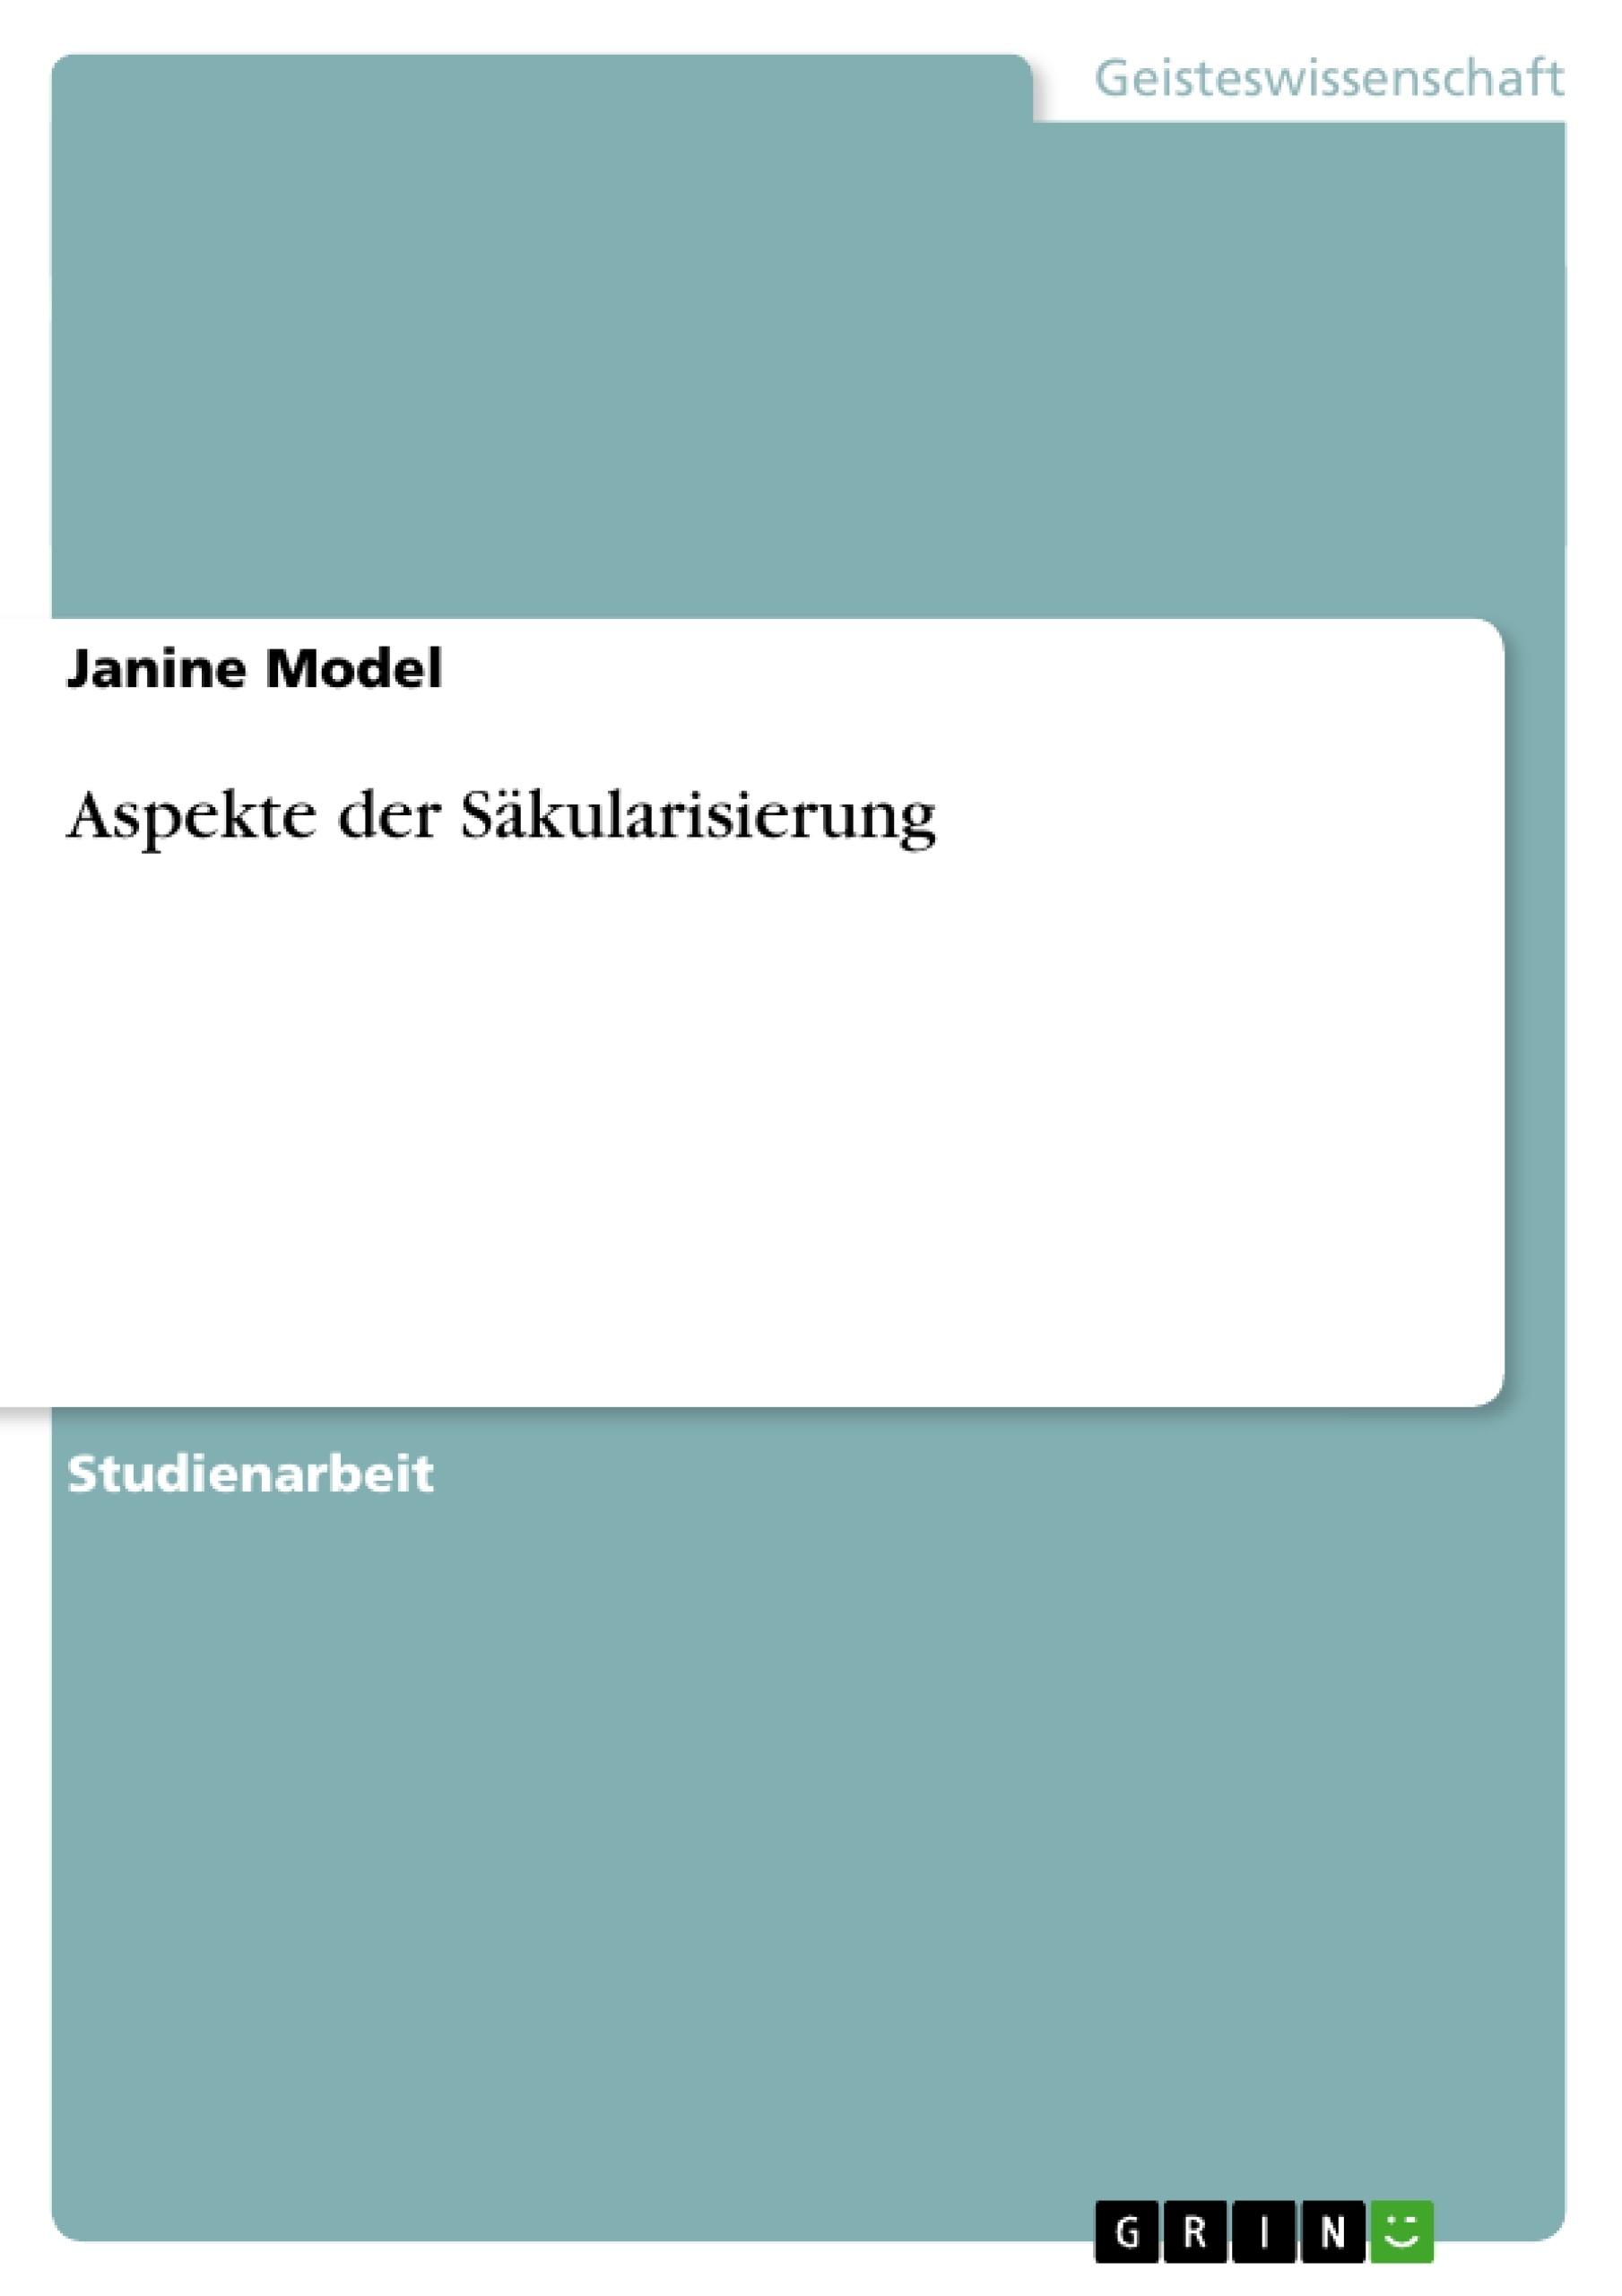 Titel: Aspekte der Säkularisierung